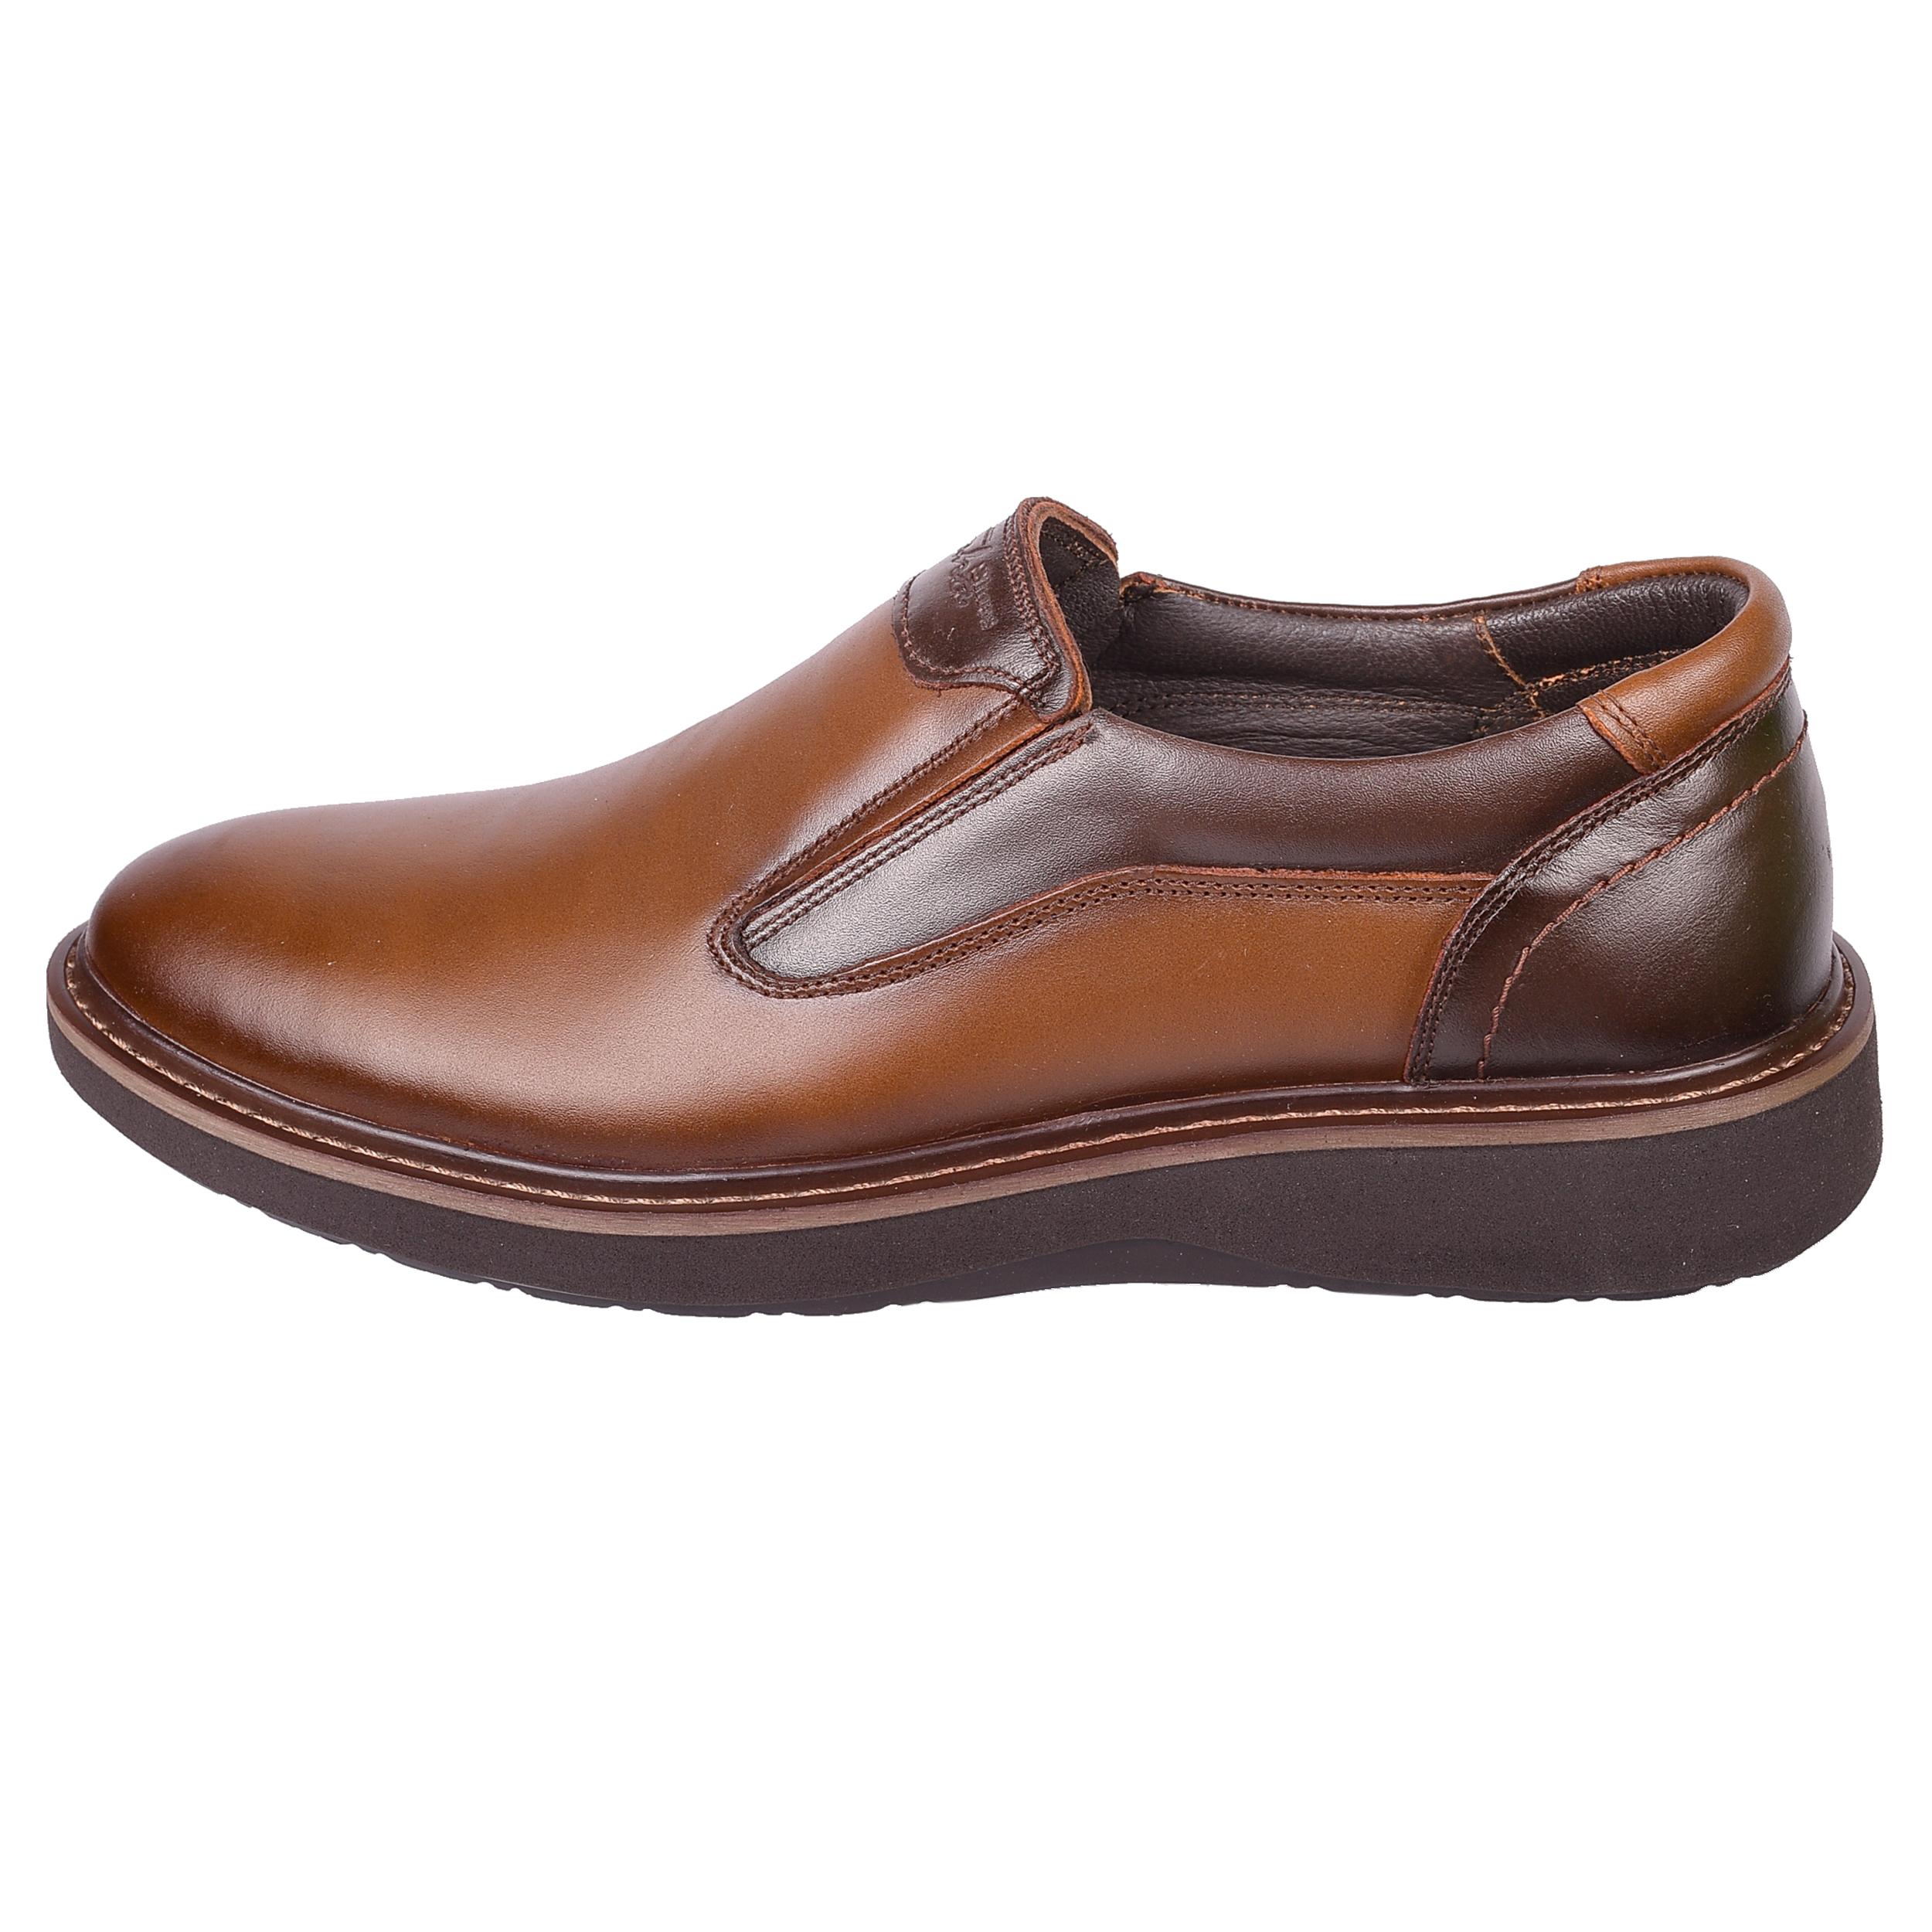 کفش مردانه طاها مدل 1083 رنگ قهوه ای